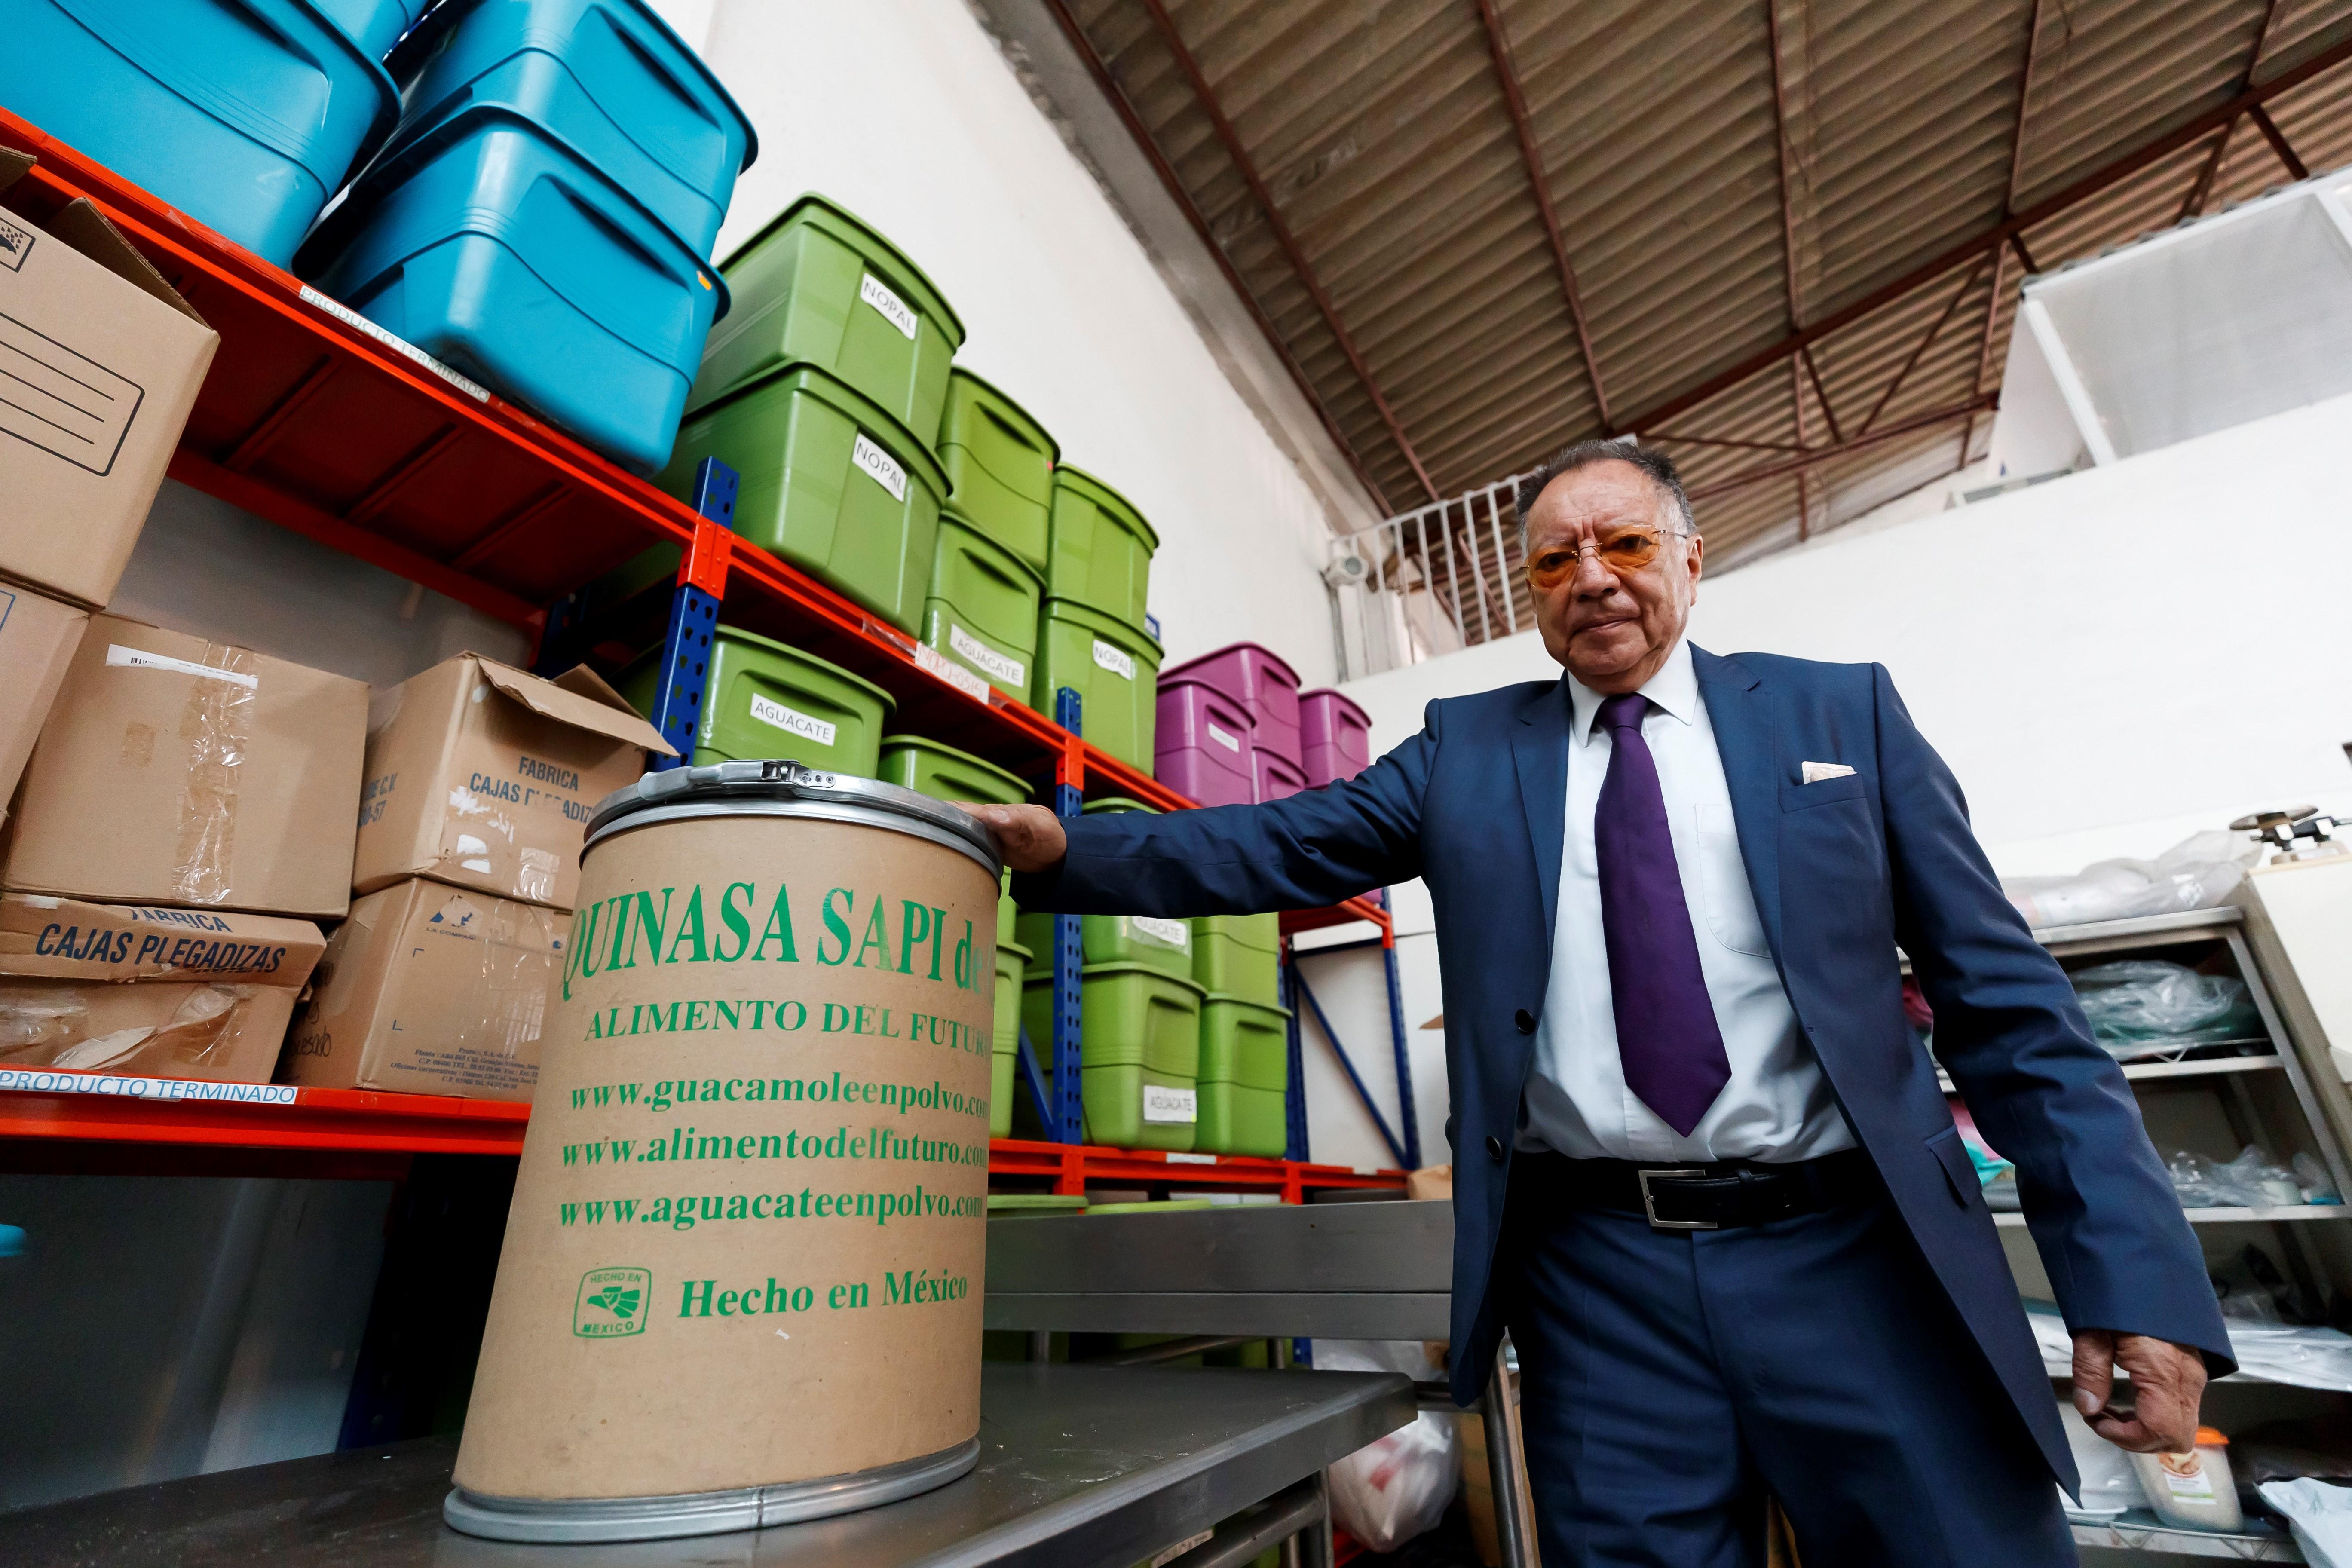 La empresa mexicana Quinasa está creando una fórmula que comprime los nutrientes necesarios para la alimentación humana. (Foto Prensa Libre: EFE)